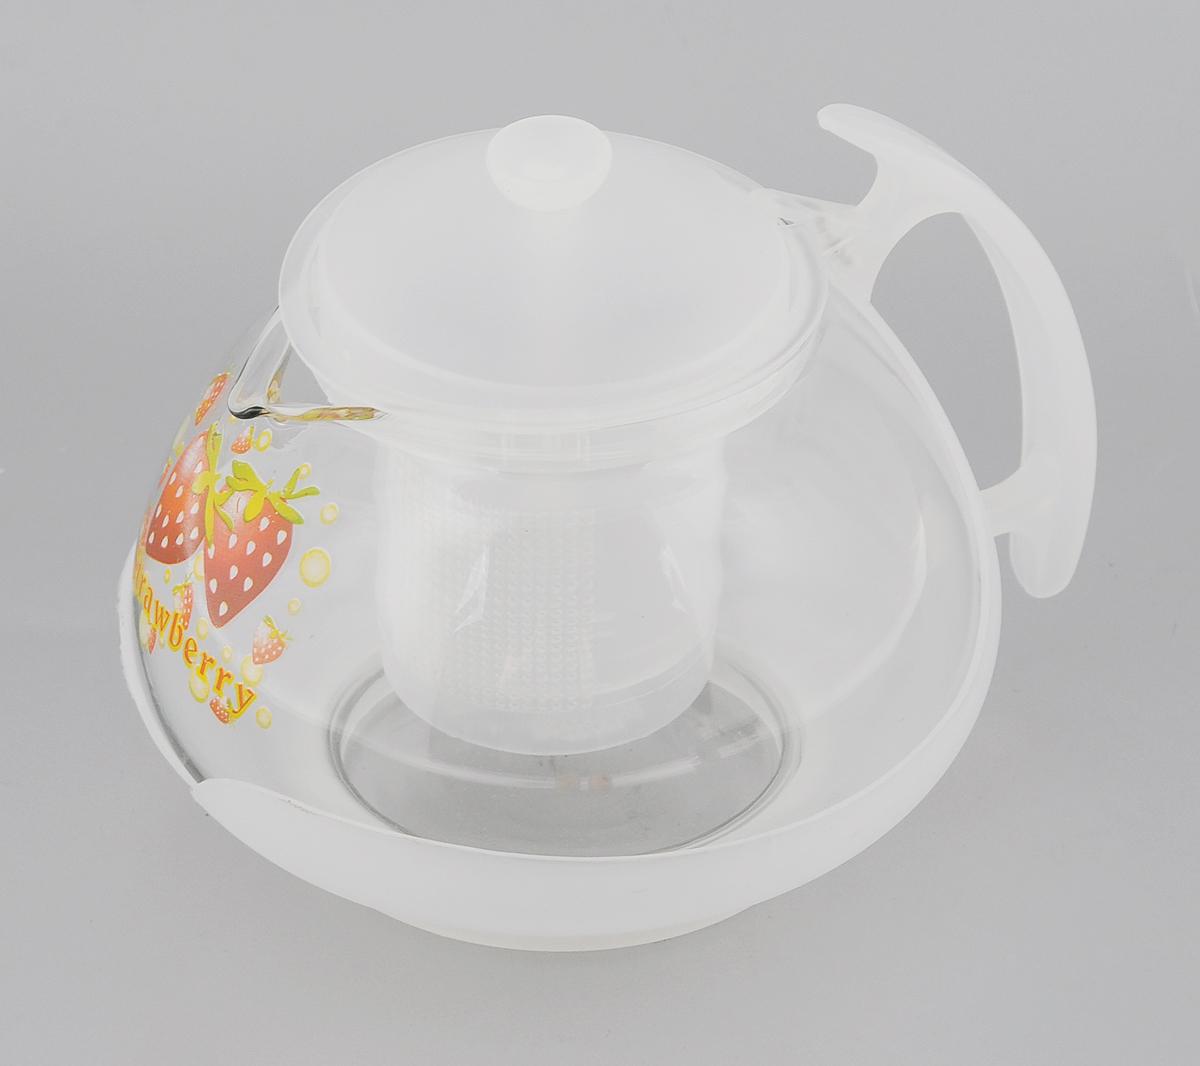 Чайник заварочный Mayer & Boch, с фильтром, цвет: прозрачный, белый, 700 мл. 202254 009312Заварочный чайник Mayer & Boch изготовлен из жаропрочного стекла и полипропилена. Изделие оснащено сетчатым фильтром из пищевого полипропилена (пластика), который задерживает чаинки и предотвращает их попадание в чашку, а прозрачные стенки дадут возможность наблюдать за насыщением напитка.Чай в таком чайнике дольше остается горячим, а полезные и ароматические вещества полностью сохраняются в напитке. Диаметр чайника (по верхнему краю): 8 см.Высота чайника (без учета крышки): 9,5 см.Высота фильтра: 6,5 см.